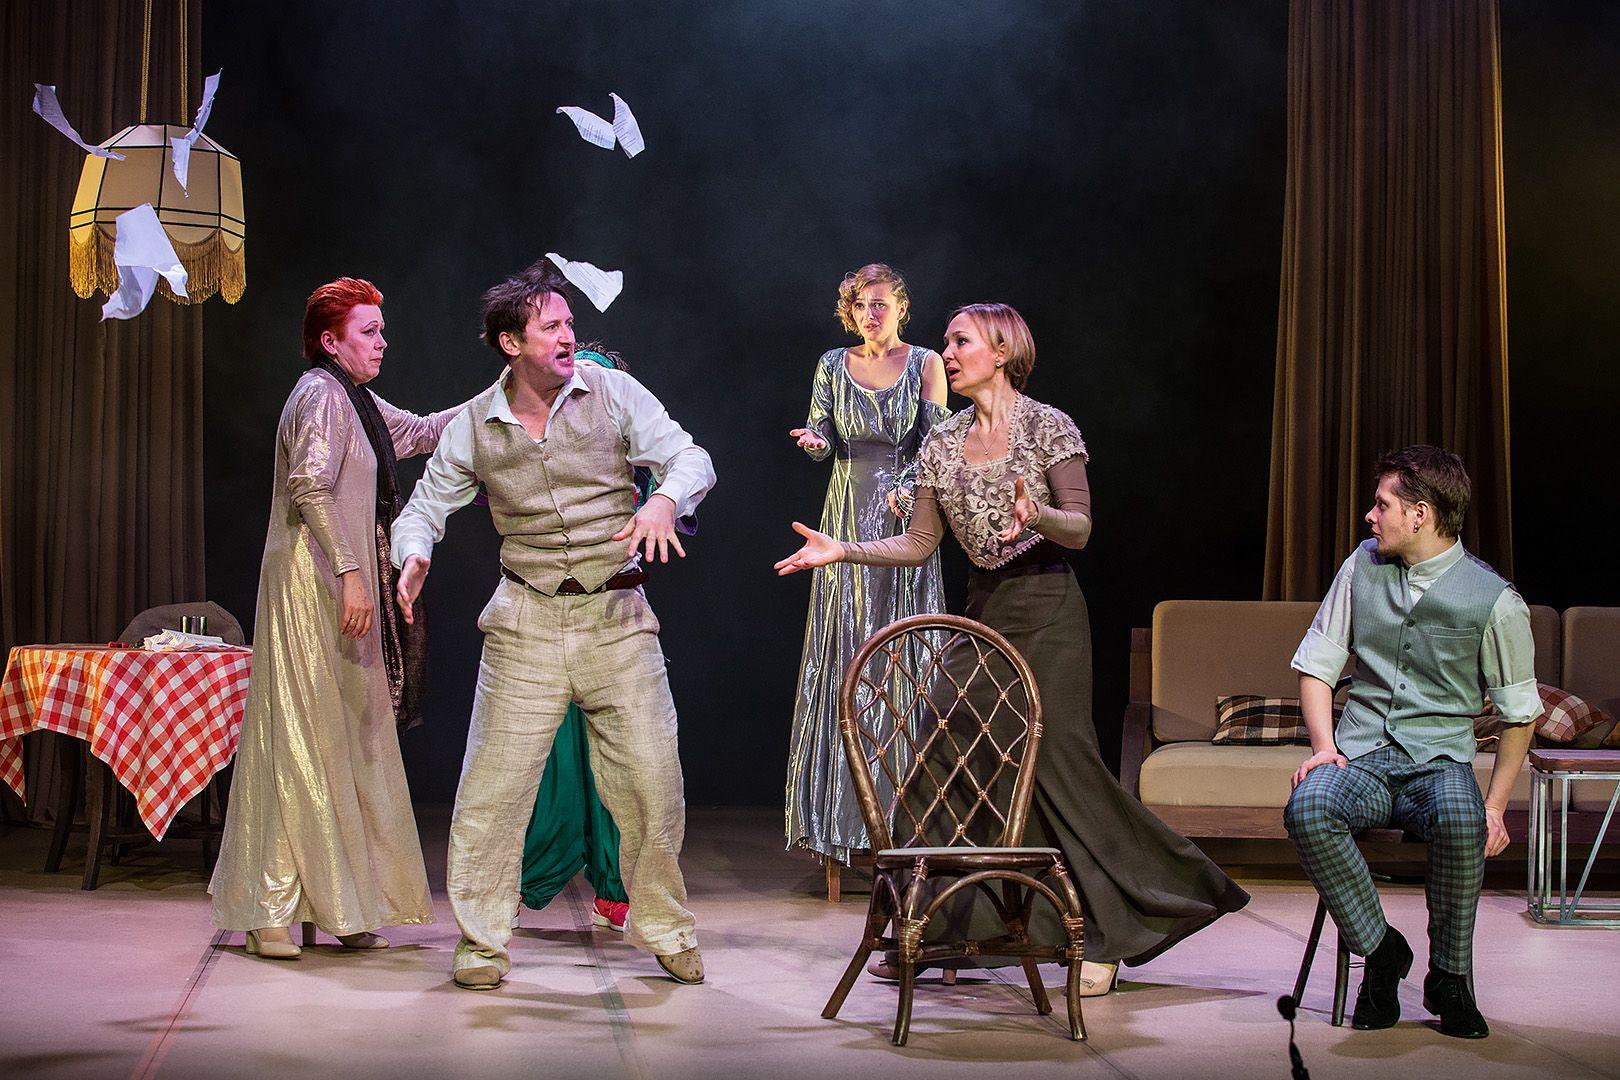 Спектакль «Ваня и Соня и Маша и Гвоздь» в театре «Сатирикон» фото 9